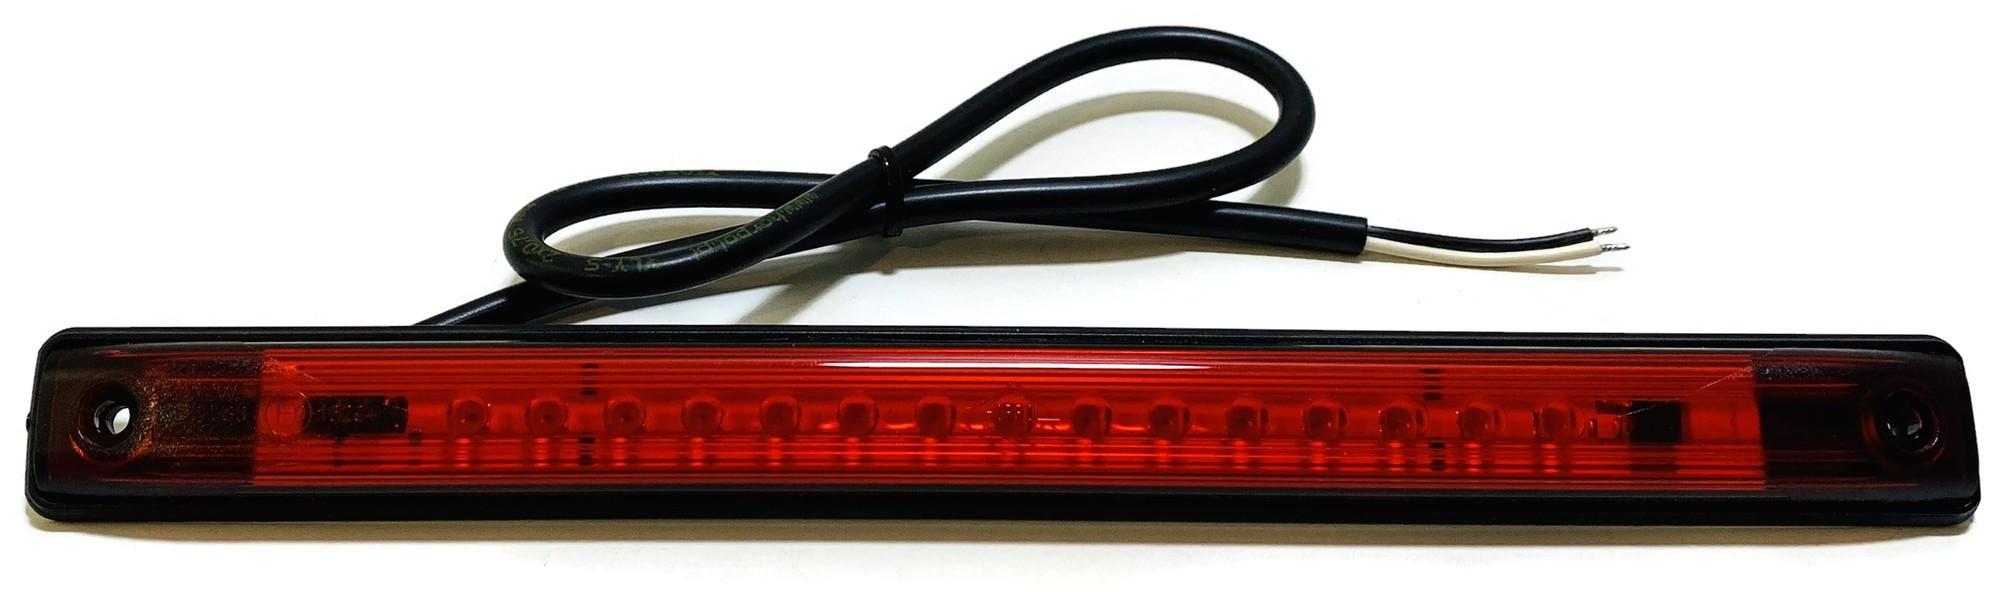 DODATKOWE TRZECIE ŚWIATŁO STOP LAMPA LED 12V 24V